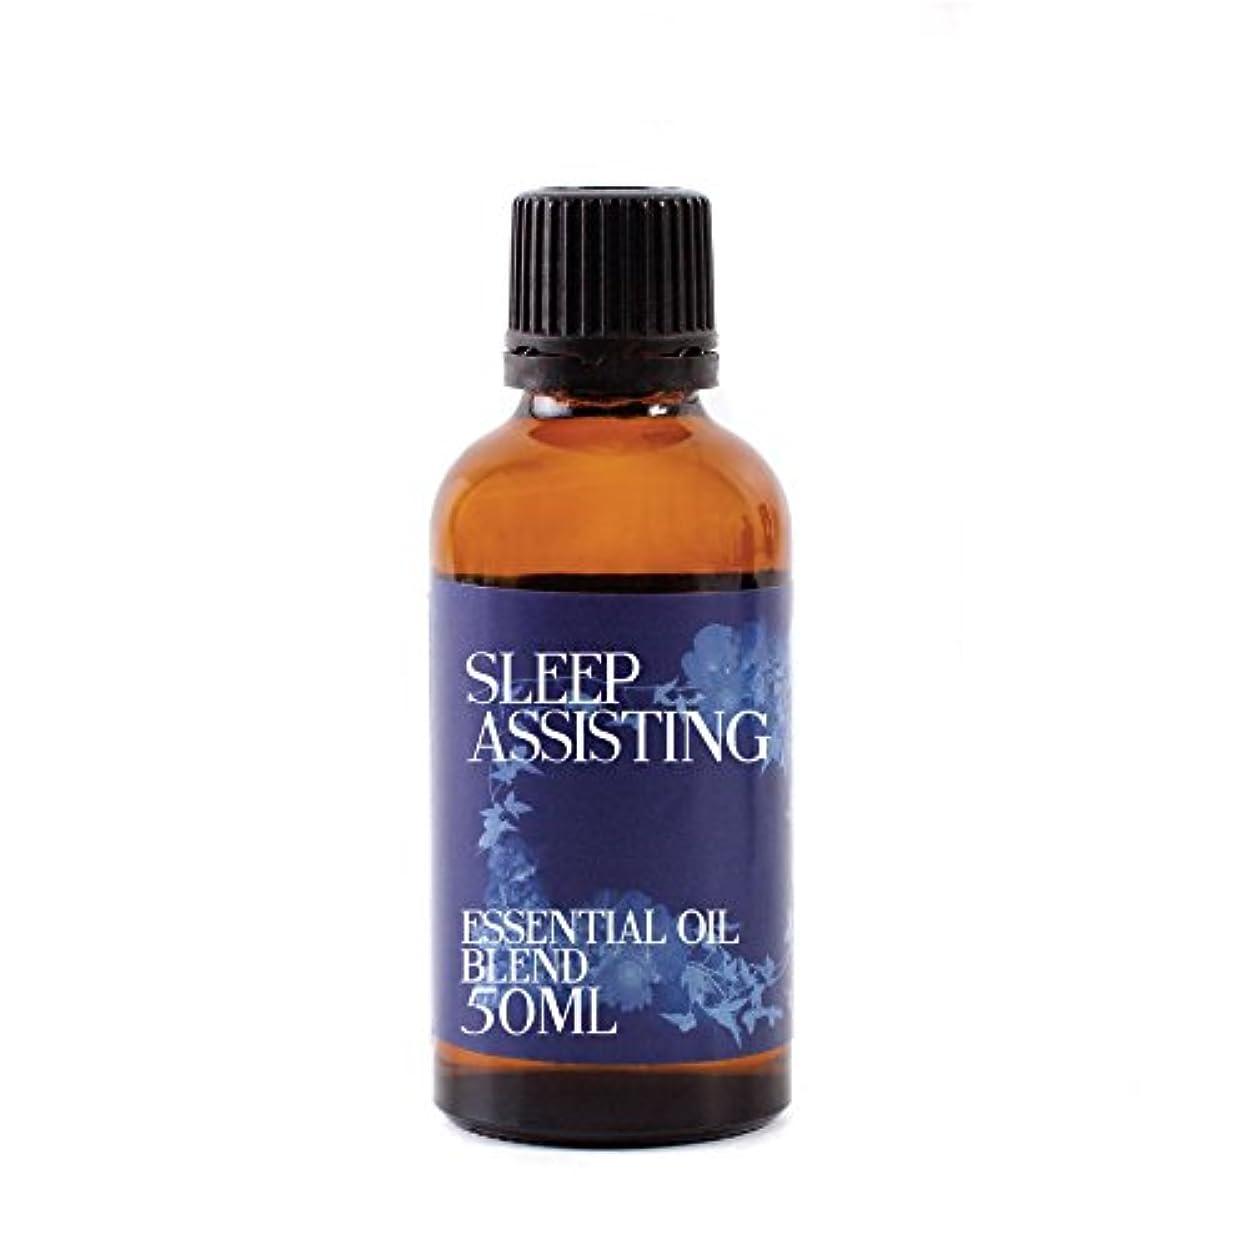 容疑者サスティーン甘やかすMystix London | Sleep Assisting Essential Oil Blend - 50ml - 100% Pure